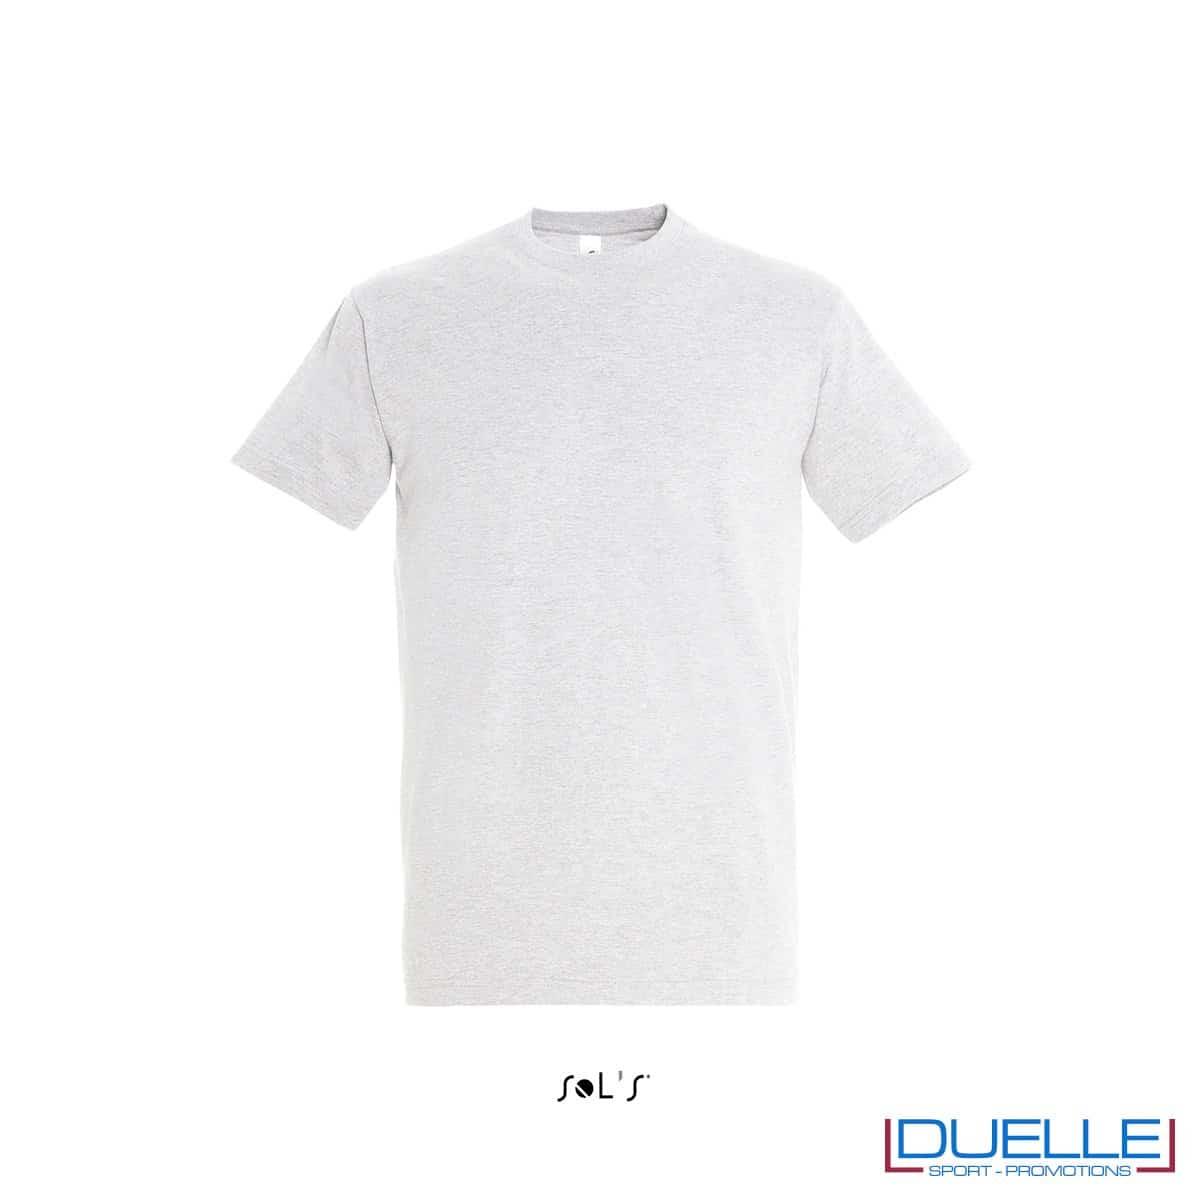 T-shirt in cotone pesante colore ash personalizzata